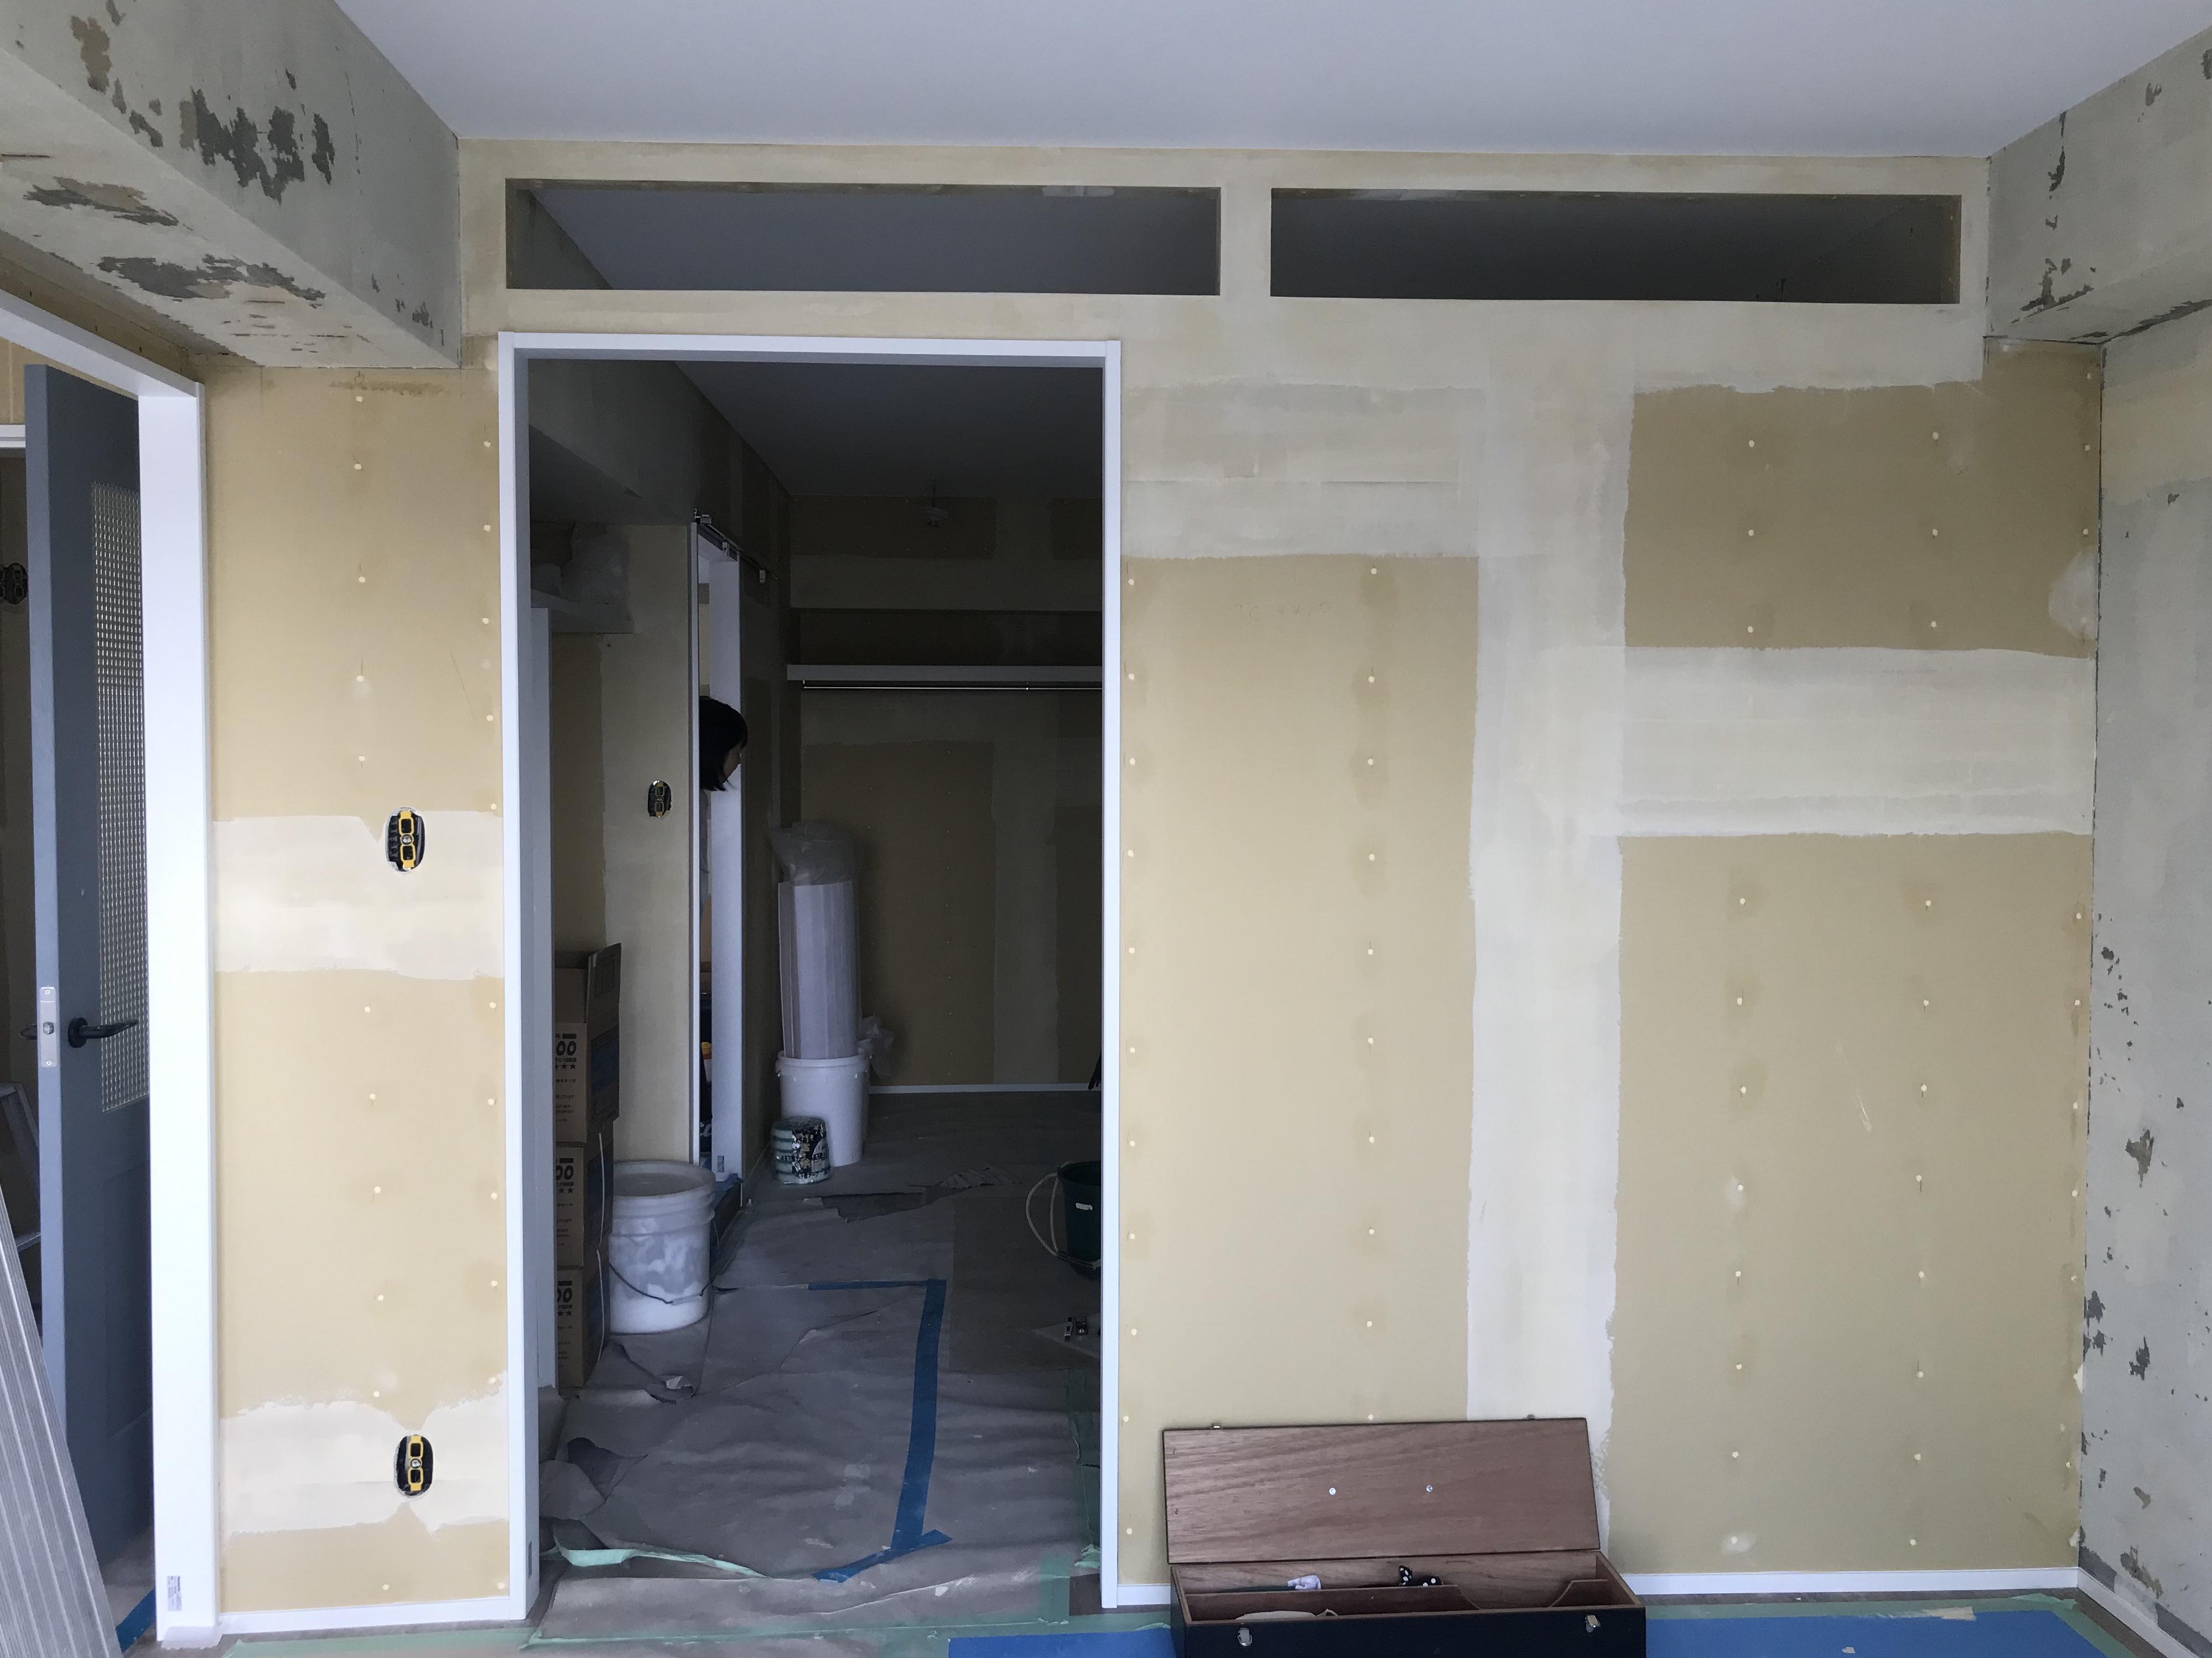 窓がない部屋に光がはいるよう、壁の上部分に空間を設けました。